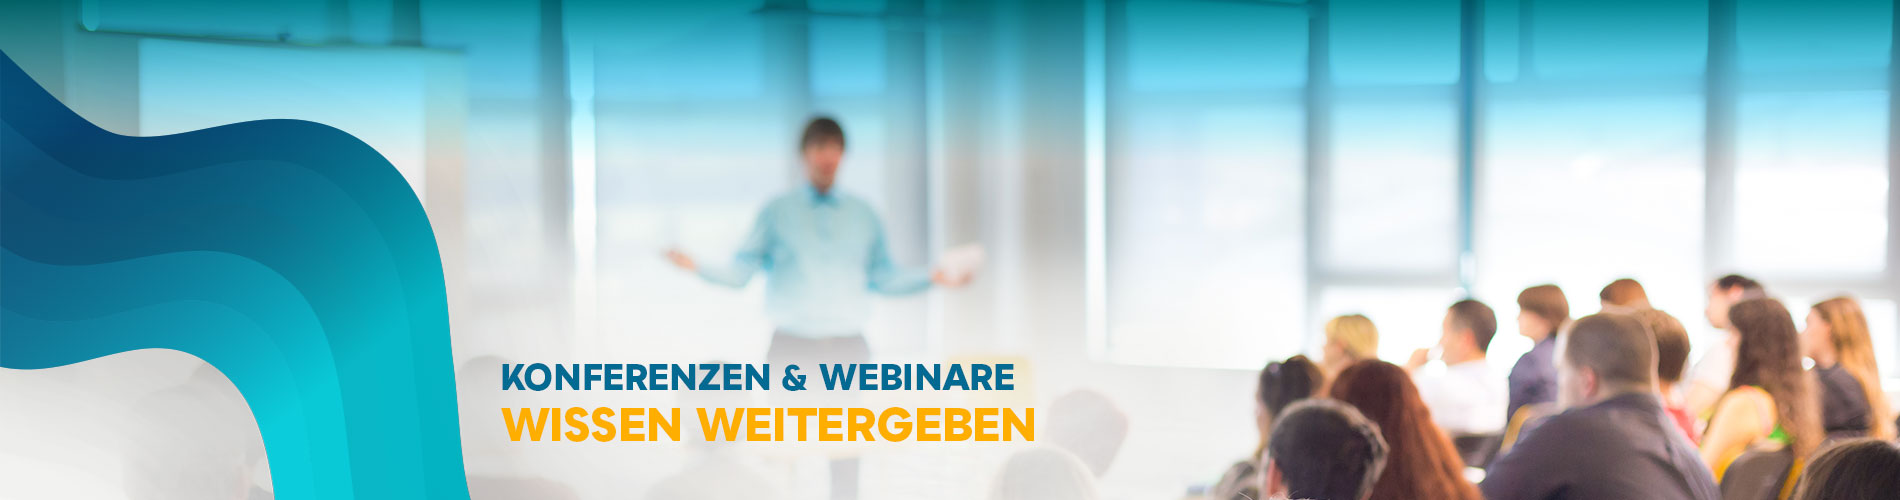 Konferenzen und Webinare